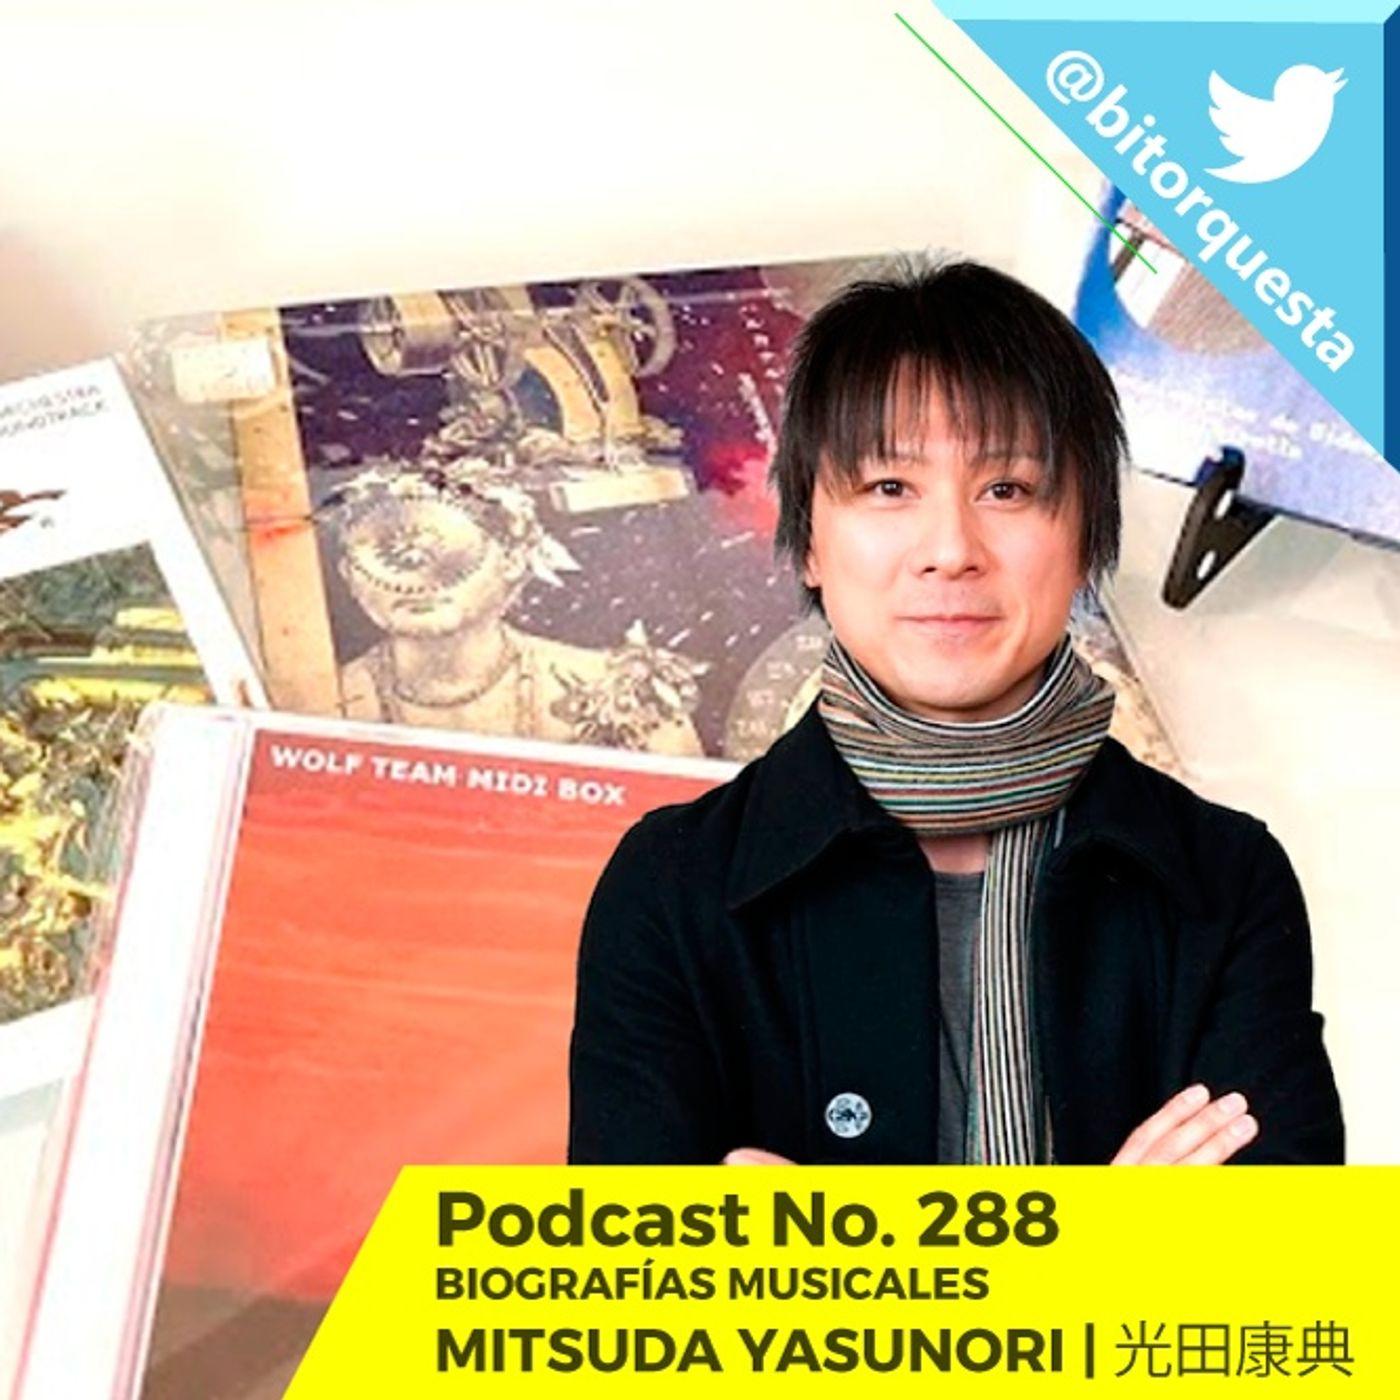 288 - Mitsuda Yasunori, Biografías Musicales